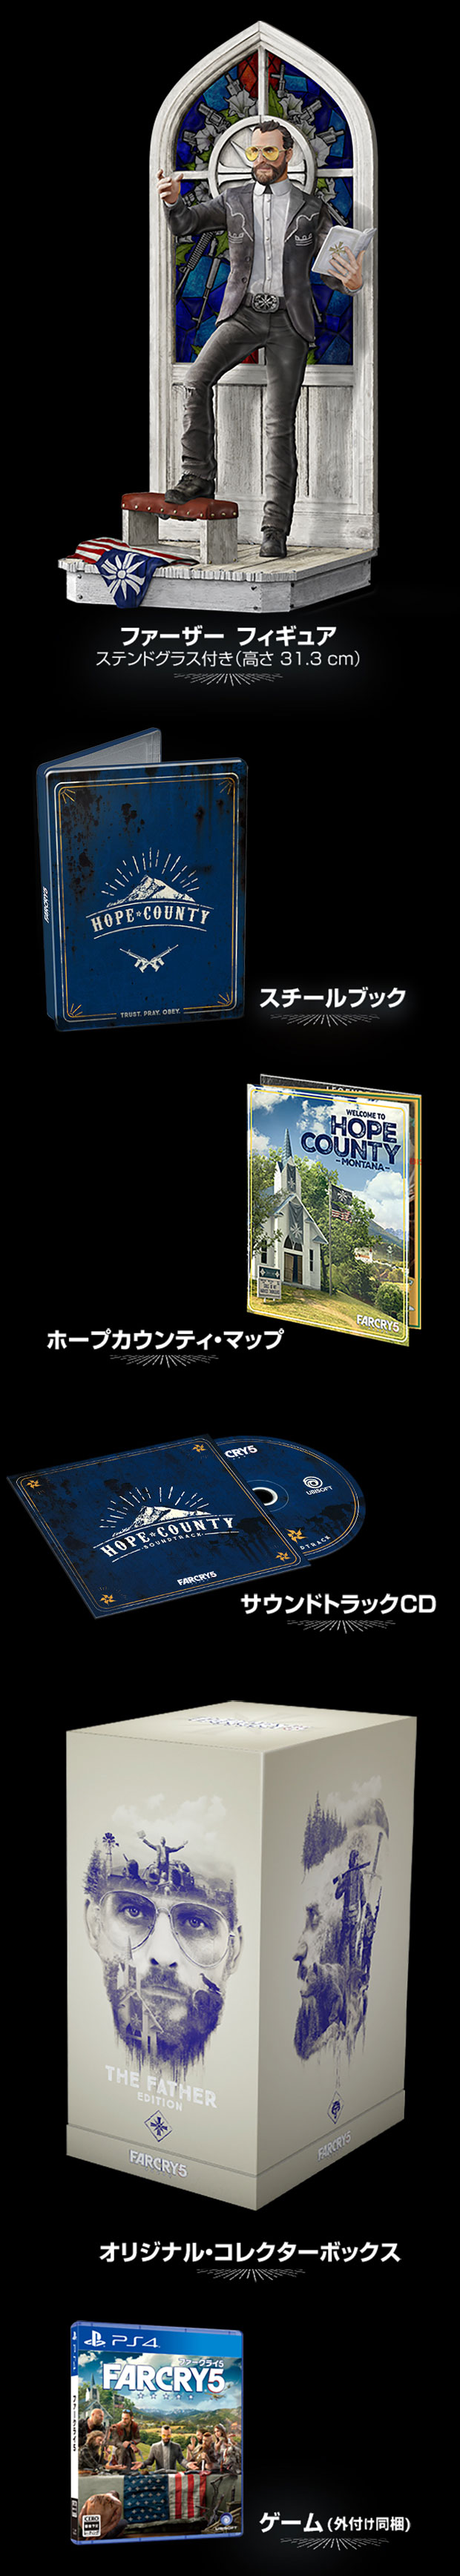 日本版『ファークライ5』の発売日は2018年3月1日、明日から予約受付開始で豪華版や予約特典も判明